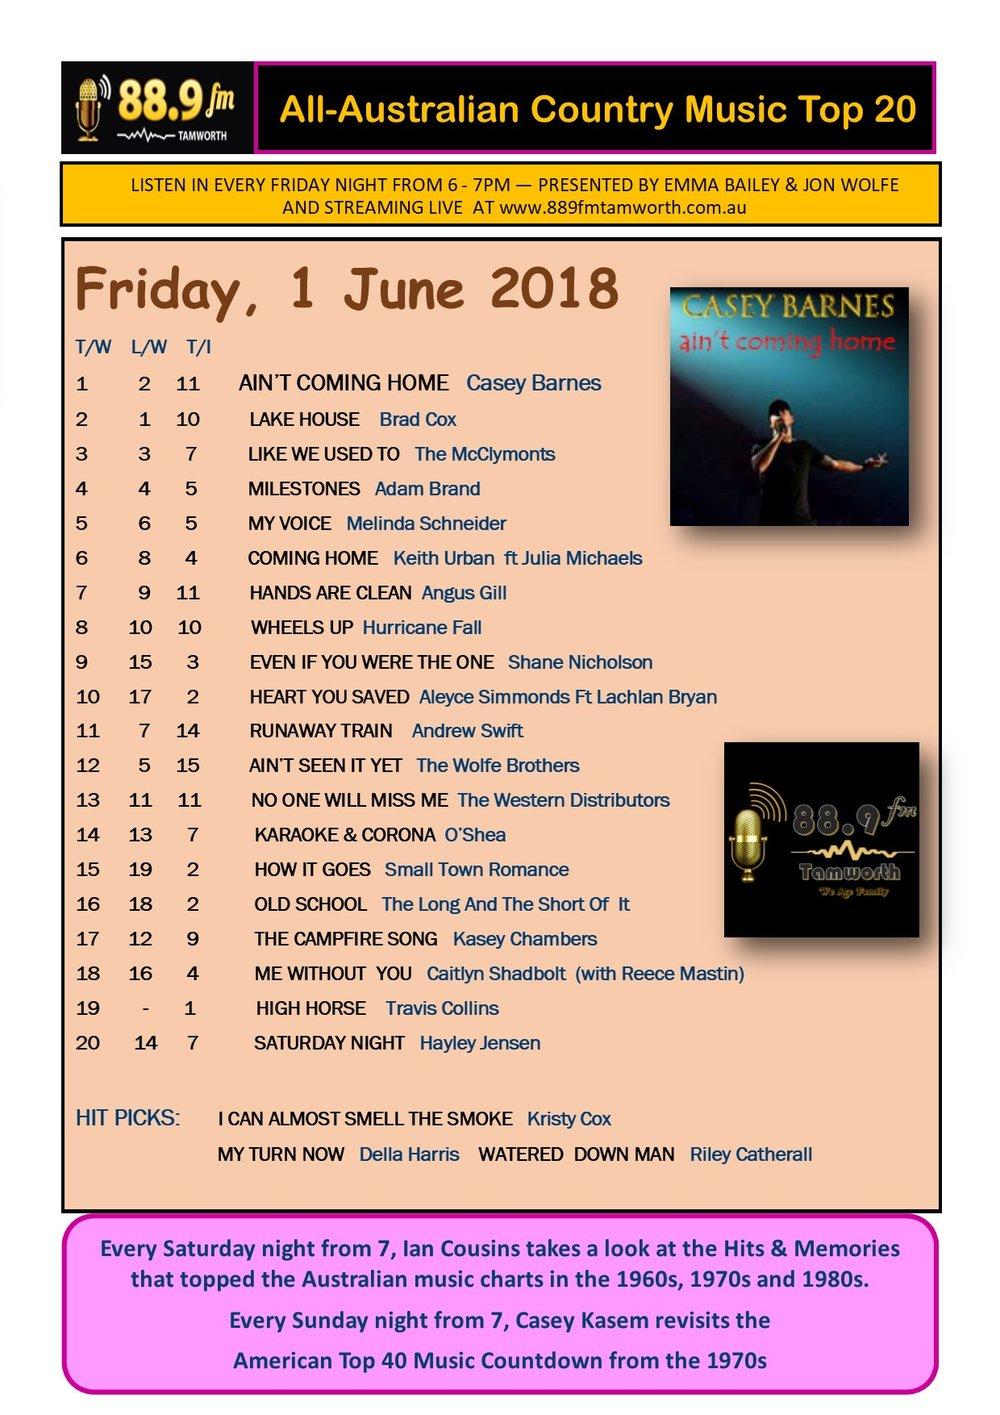 889FM CHART 1 June 2018.jpg